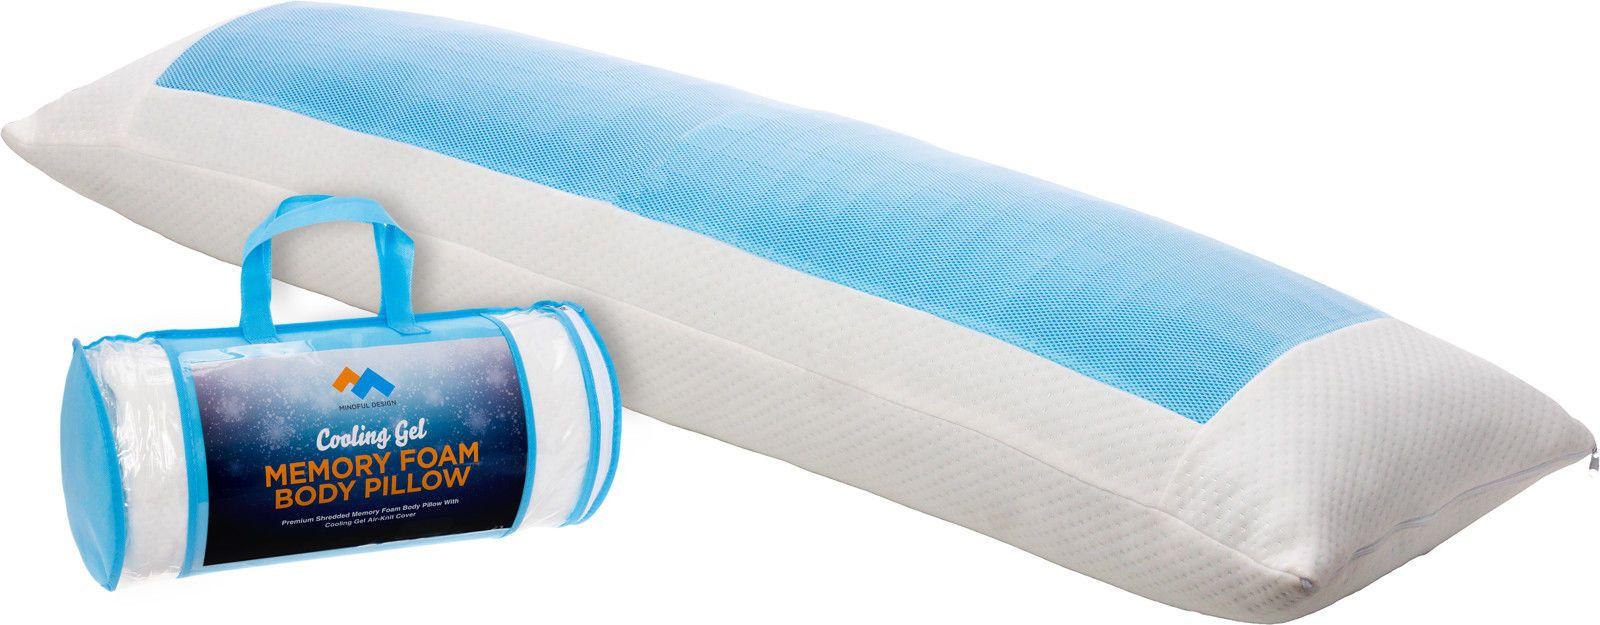 Mindful Design Shredded Memory Foam Full Body Support Pillow W